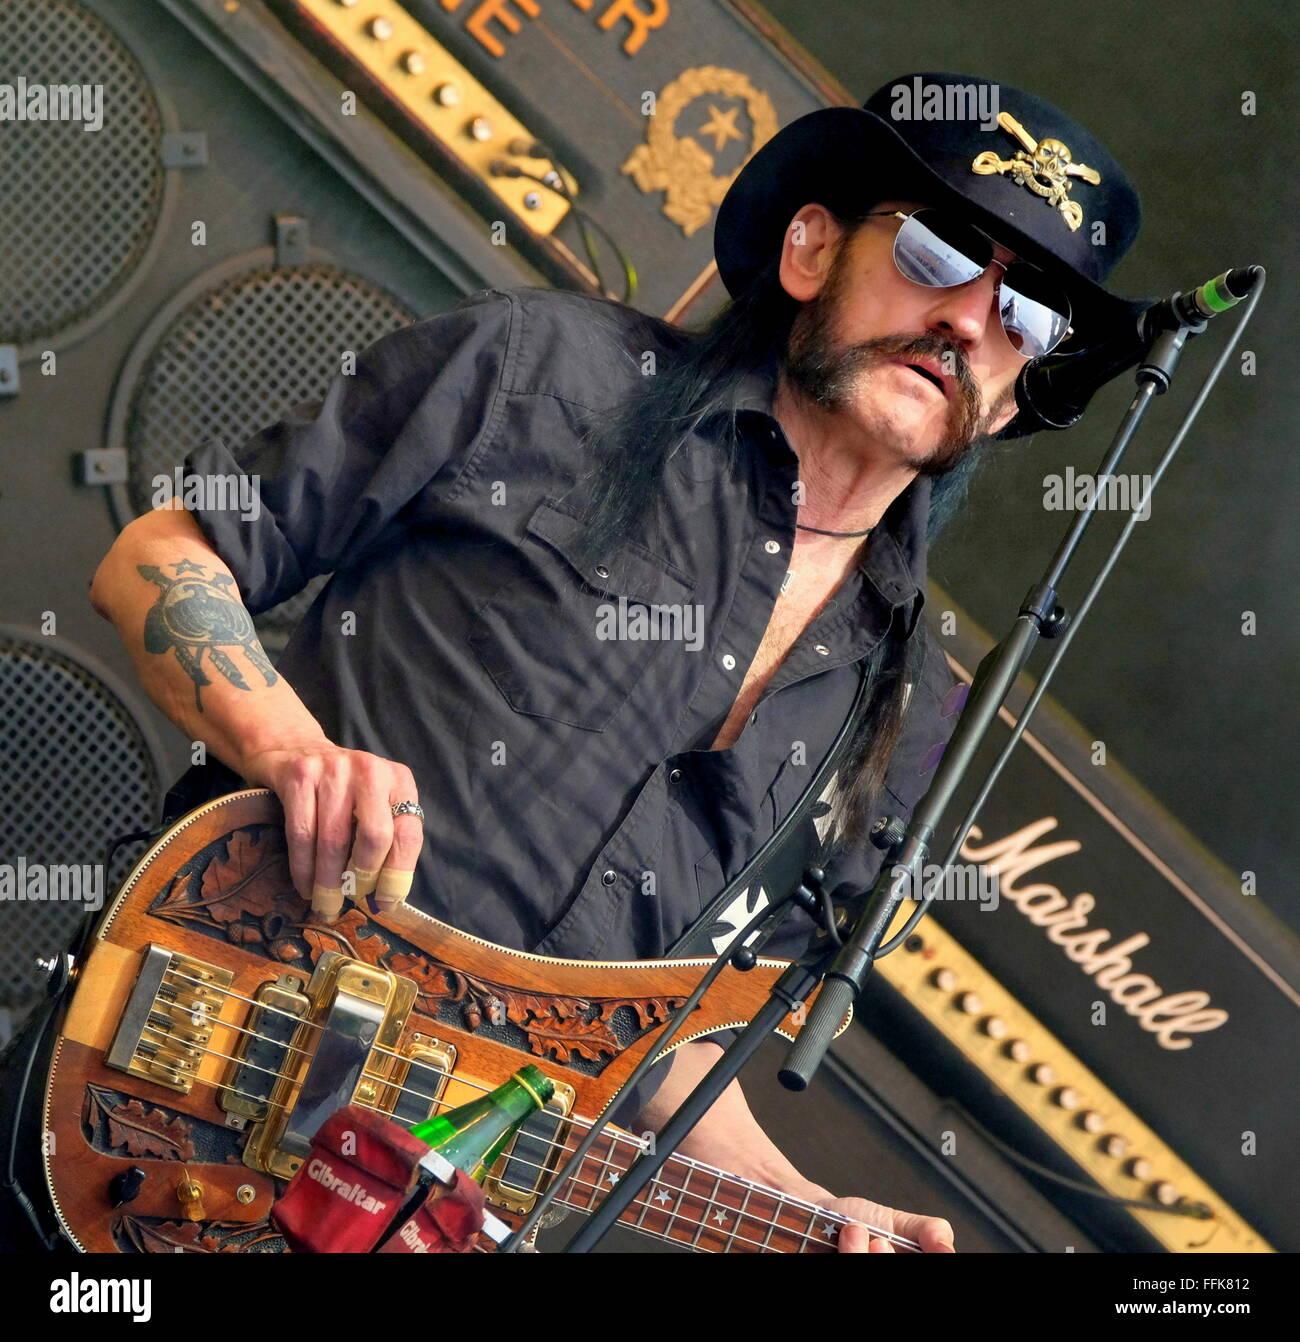 Festival de Glastonbury, Somerset, 26 juin 2015, Ian Lemmy Kilmister de Motorhead avec live sur la scène de Photo Stock